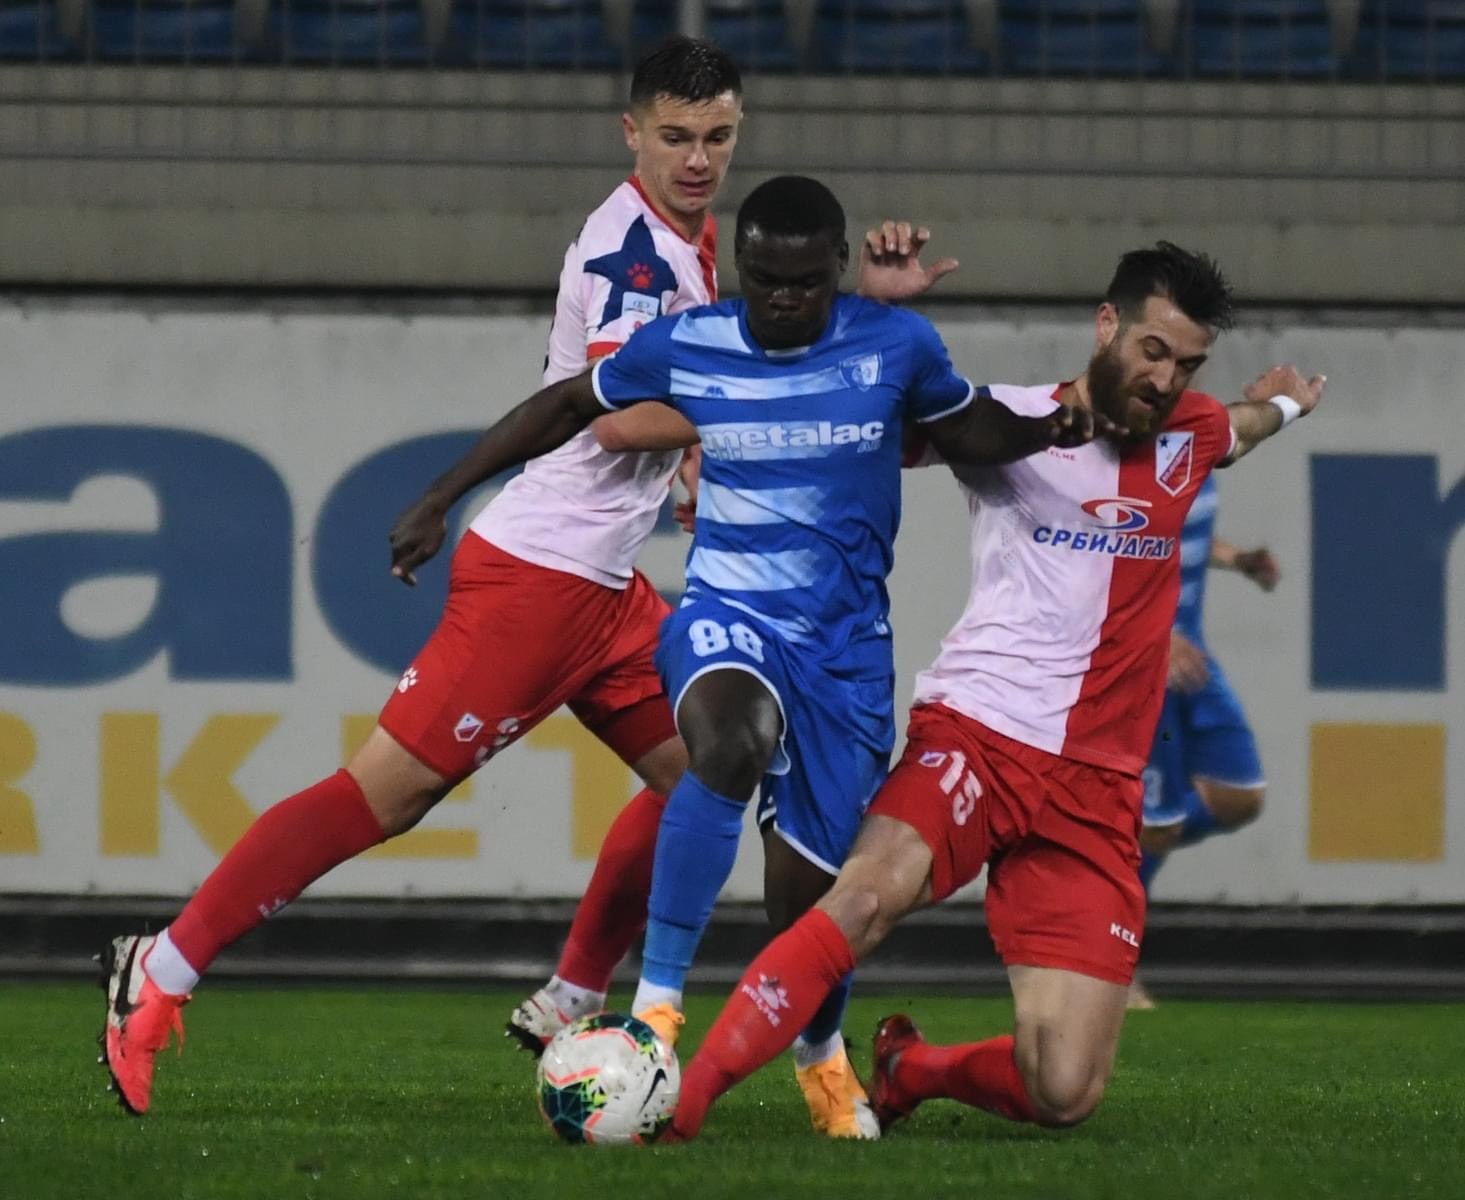 Prestige Mboungou top assistant in Serbian Super League